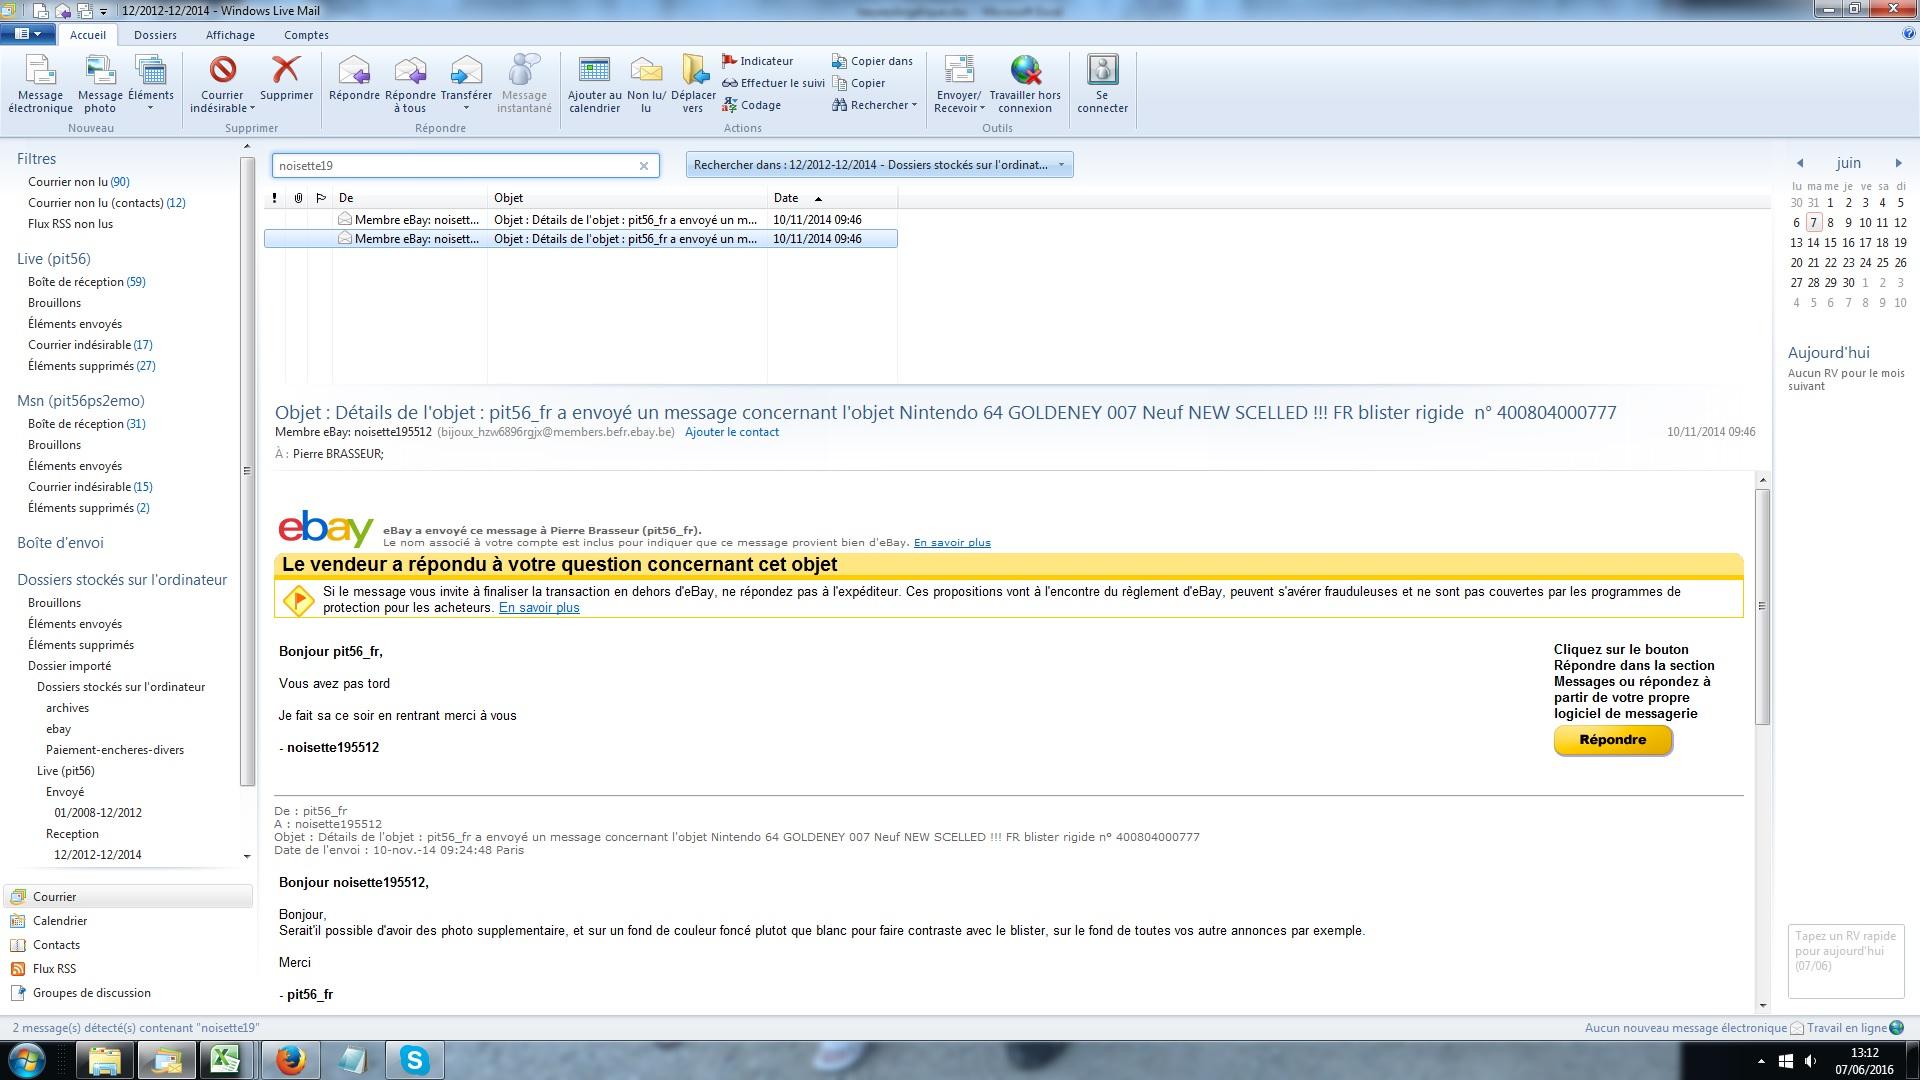 Goldeneye 64 blister rigide ebay fake ? 149730noisette